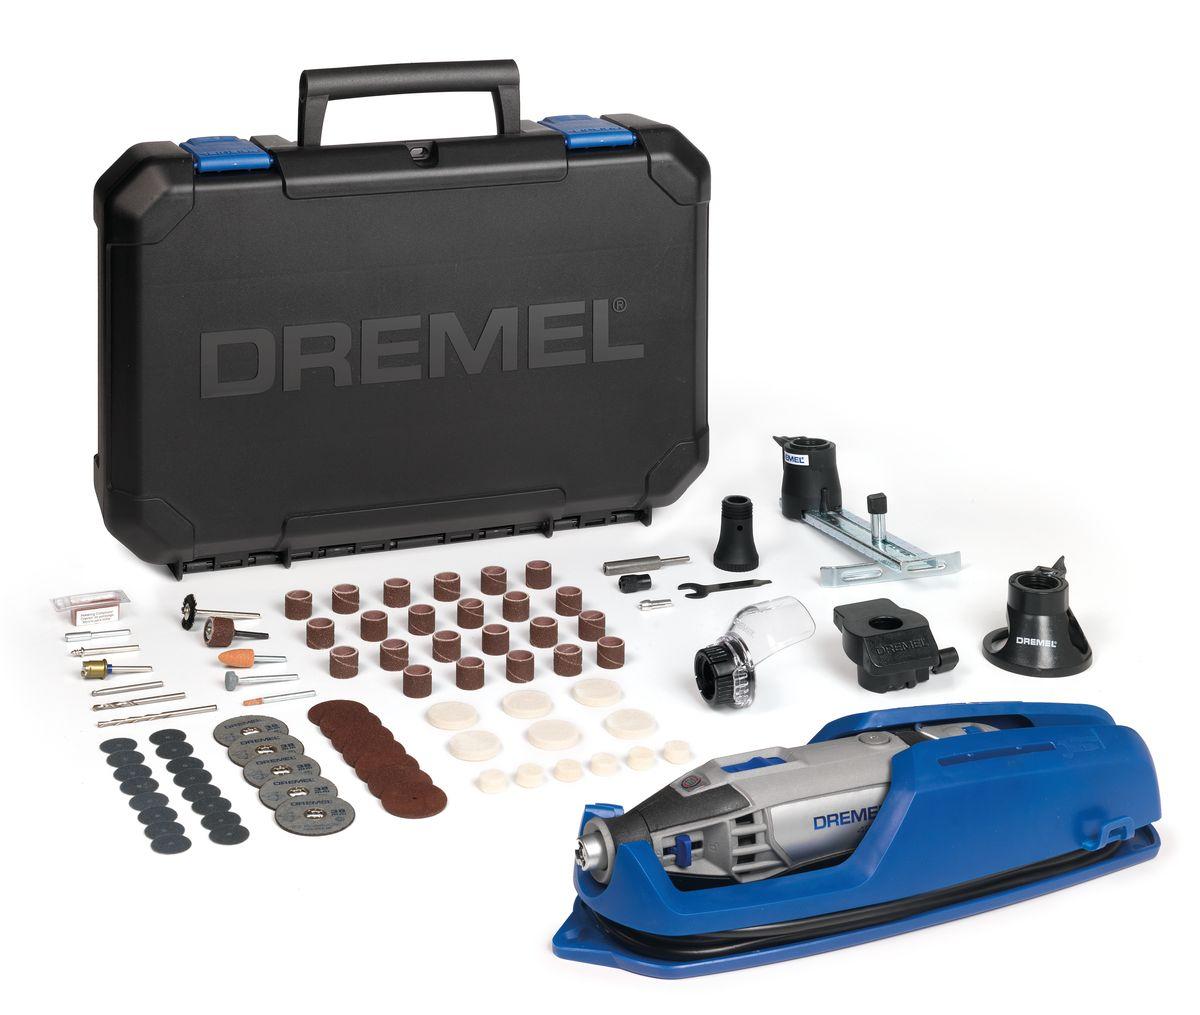 Многофункциональный инструмент Dremel 4200-4/75F0134200JHНеограниченные возможности – один инструмент. Мощный многофункциональный инструмент Dremel 4200 способен одинакого хорошо выполнять абразивную обработку, шлифование, фрезерование и pезку. Константная электроника обеспечивает исключительную мощность, необходимую для поддержания максимальной производительности. Регулятор скорости во всем диапазоне запоминает выбранную частоту вращения после выключения инструмента. Высочайшая точность даже при работе в неудобных углах и труднодоступных местах. Просто переключайтесь между сменными насадками с помощью системы EZ Change. Потяните вниз рычаги, задвиньте насадку – и вы готовы к работе. Комплектация: Dremel 4200 75 высококачественная насадка Dremel Направляющая для резки () Линейный фрезерный циркуль (678) Шлифовальная платформа (576) Приспособление Comfort Guard (550) Вместительный и прочный кейс для хранения, со съемным лотком для насадок В комплект входит уникальная подставка для...